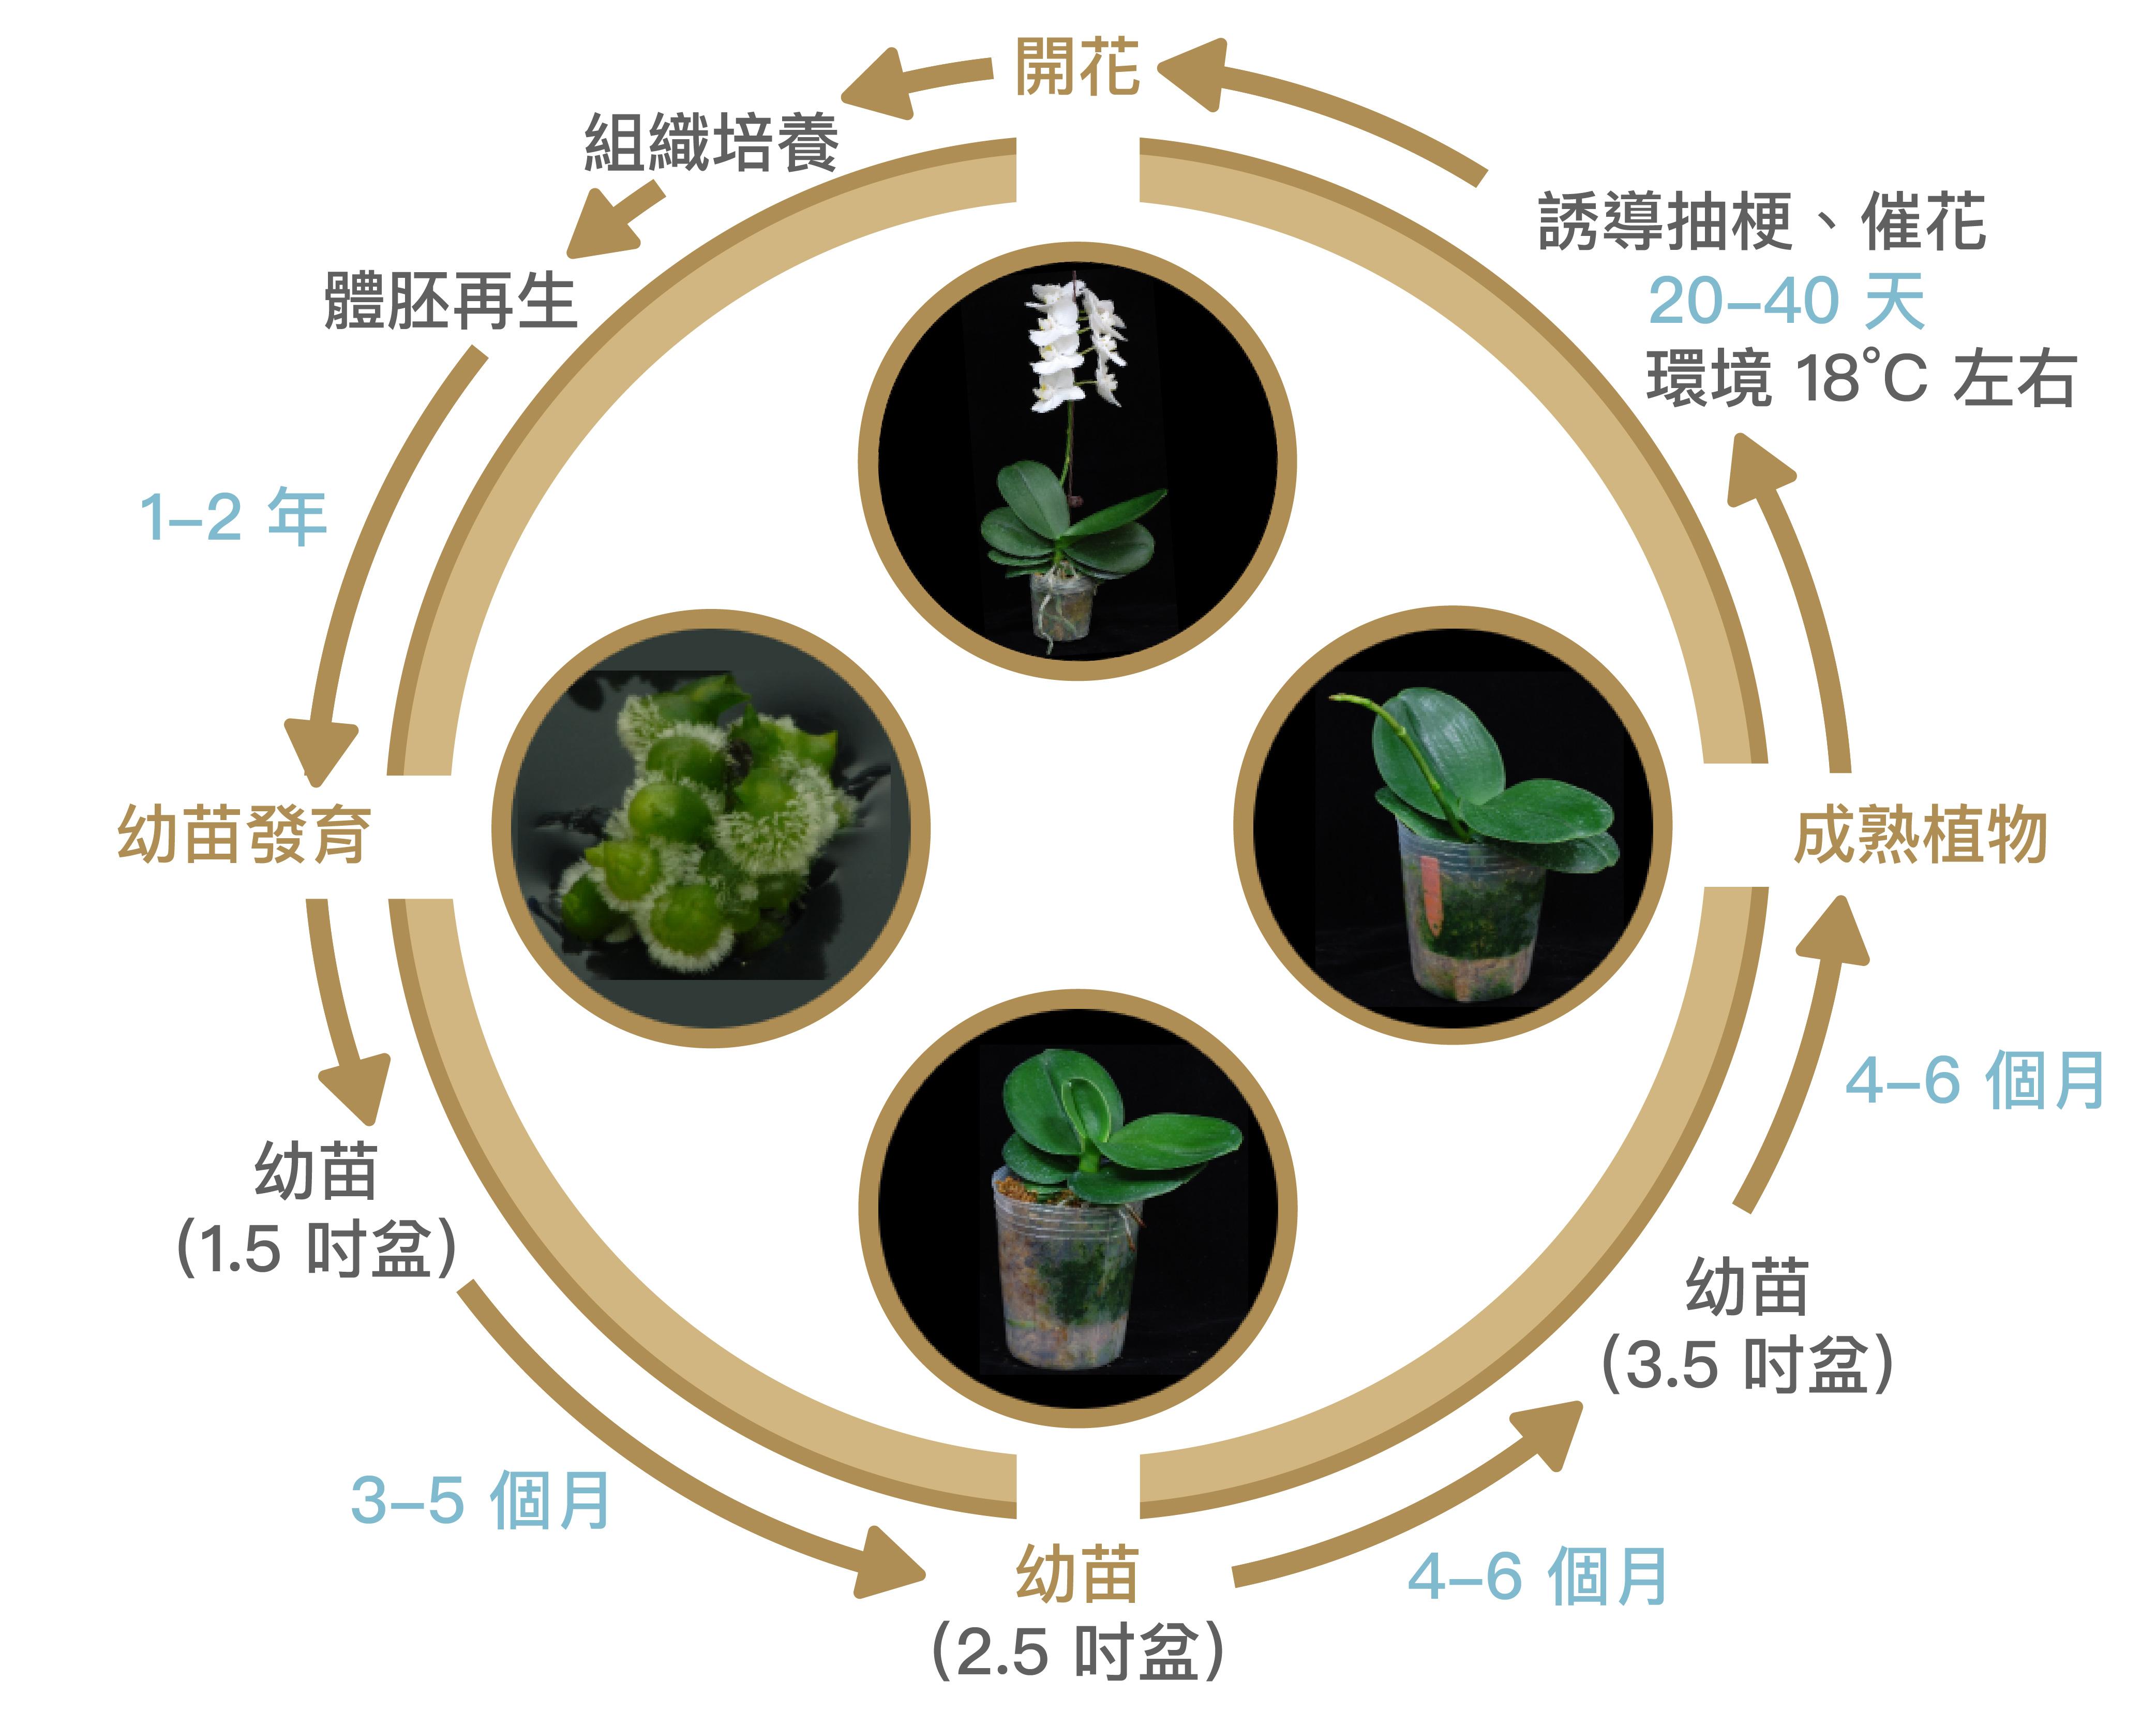 蘭花的生命週期。要如何縮短組織培養、催花的時間,以及開出想要的花型,是農民最關心的問題。 資料來源│施明哲提供 圖說重製│江佩津、張語辰